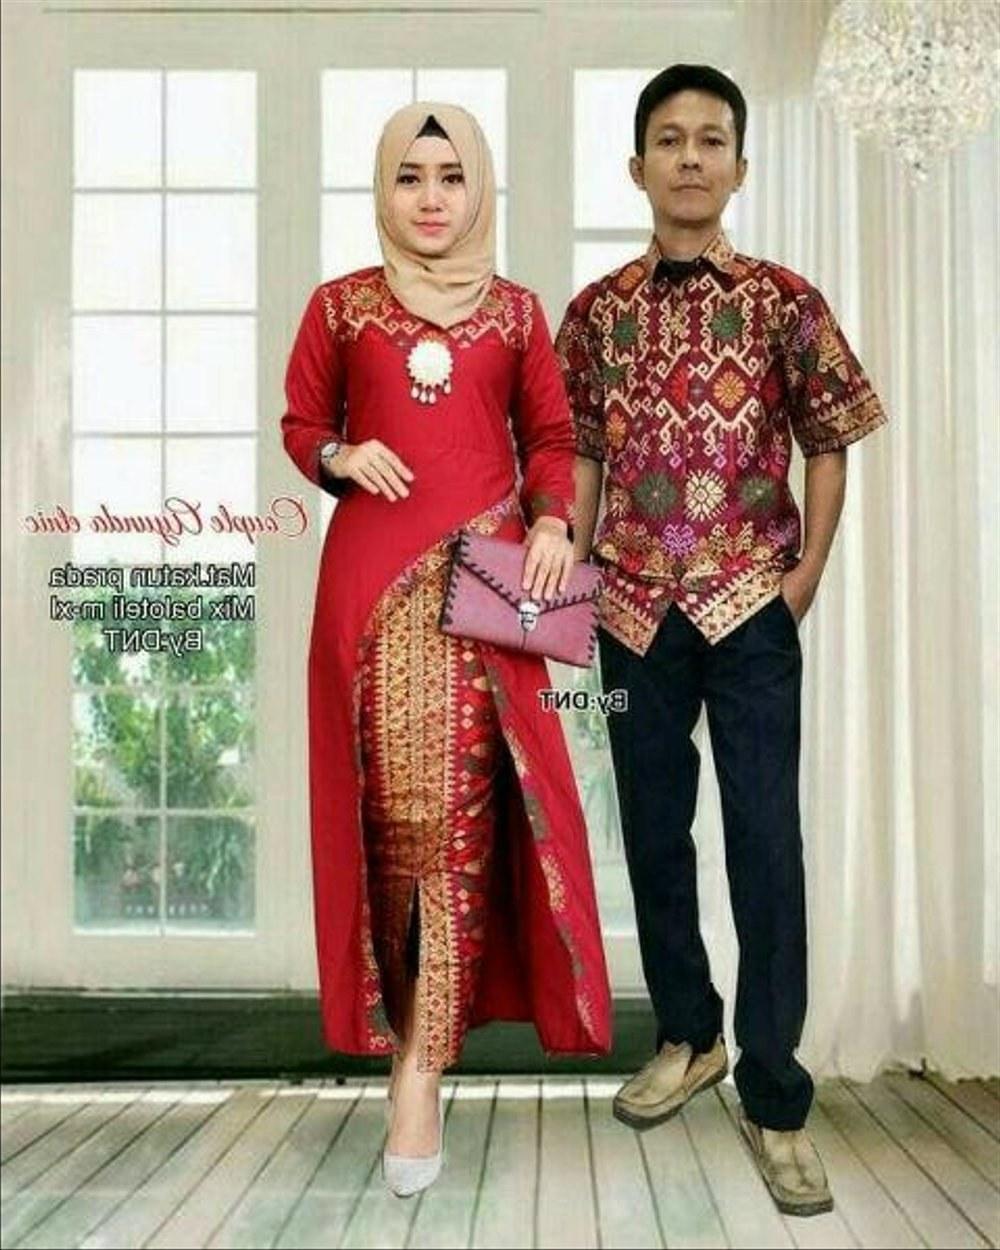 Bentuk Gamis Batik Seragam Pernikahan 8ydm top Baru 40 Baju Muslim Pesta Seragam Keluarga